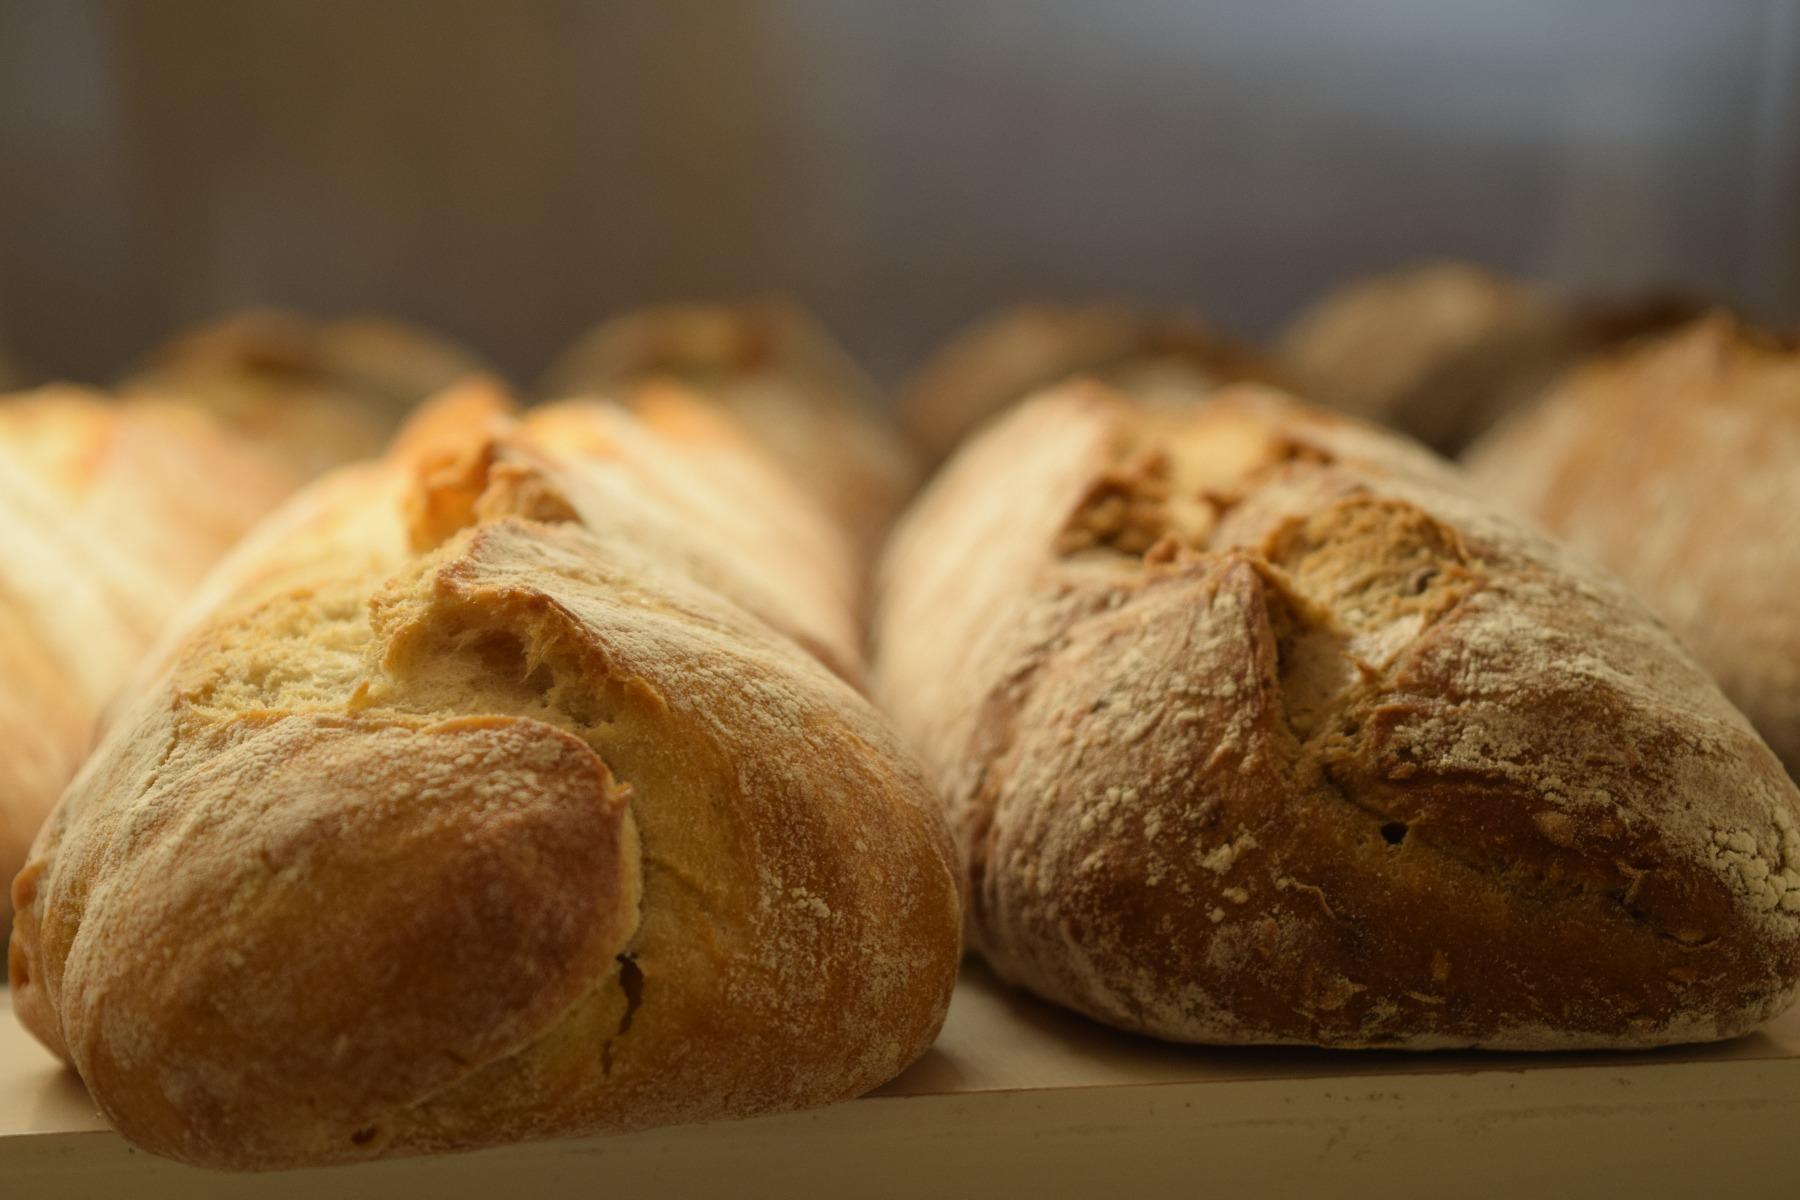 houthakkerbrood